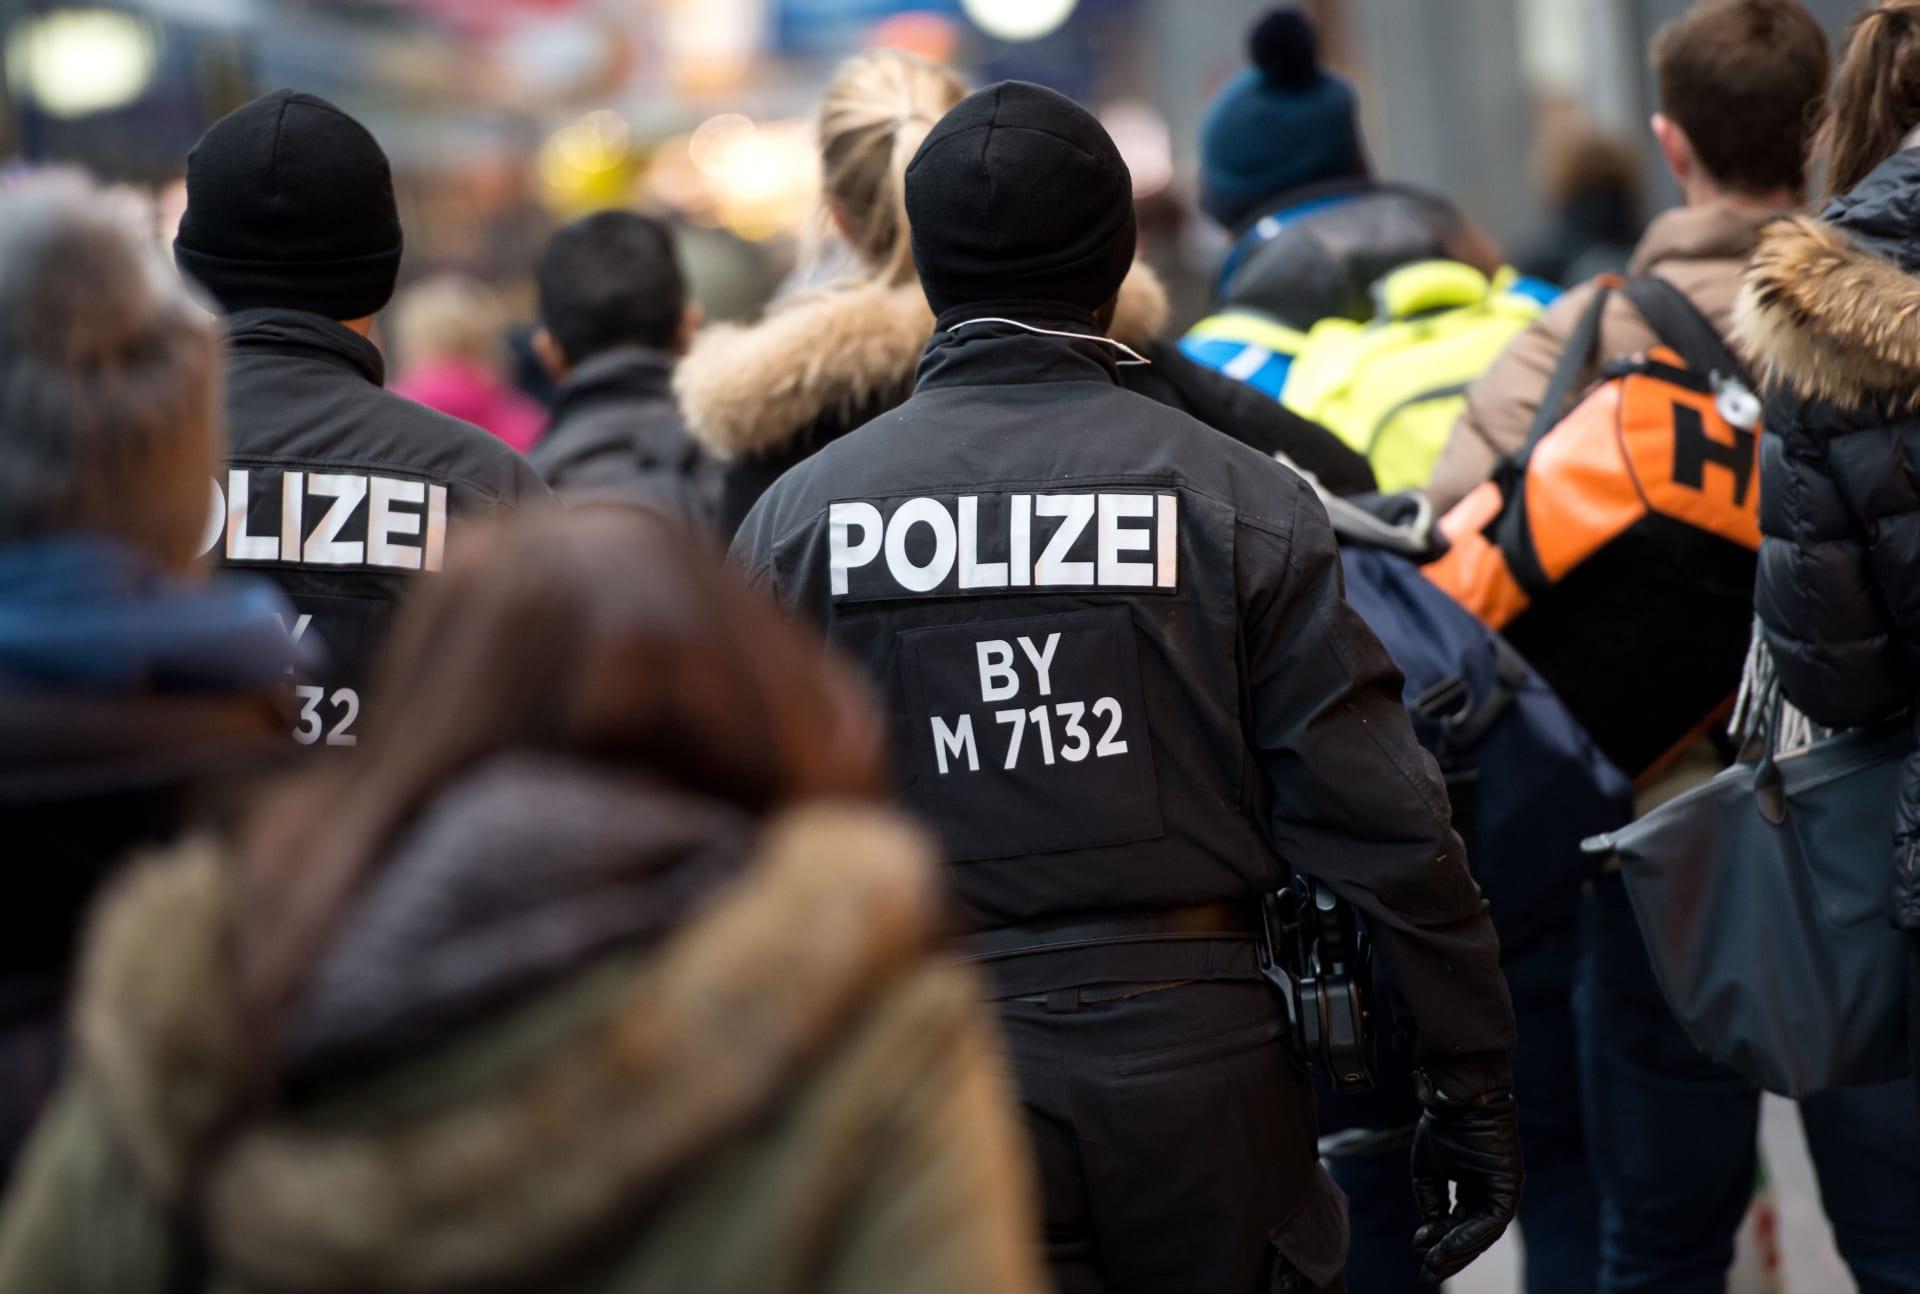 ألمانيا.. 90 شكوى اعتداء جنسي وسرقة بليلة رأس السنة.. ووزير العدل: لا تتسرعوا باتهام المهاجرين